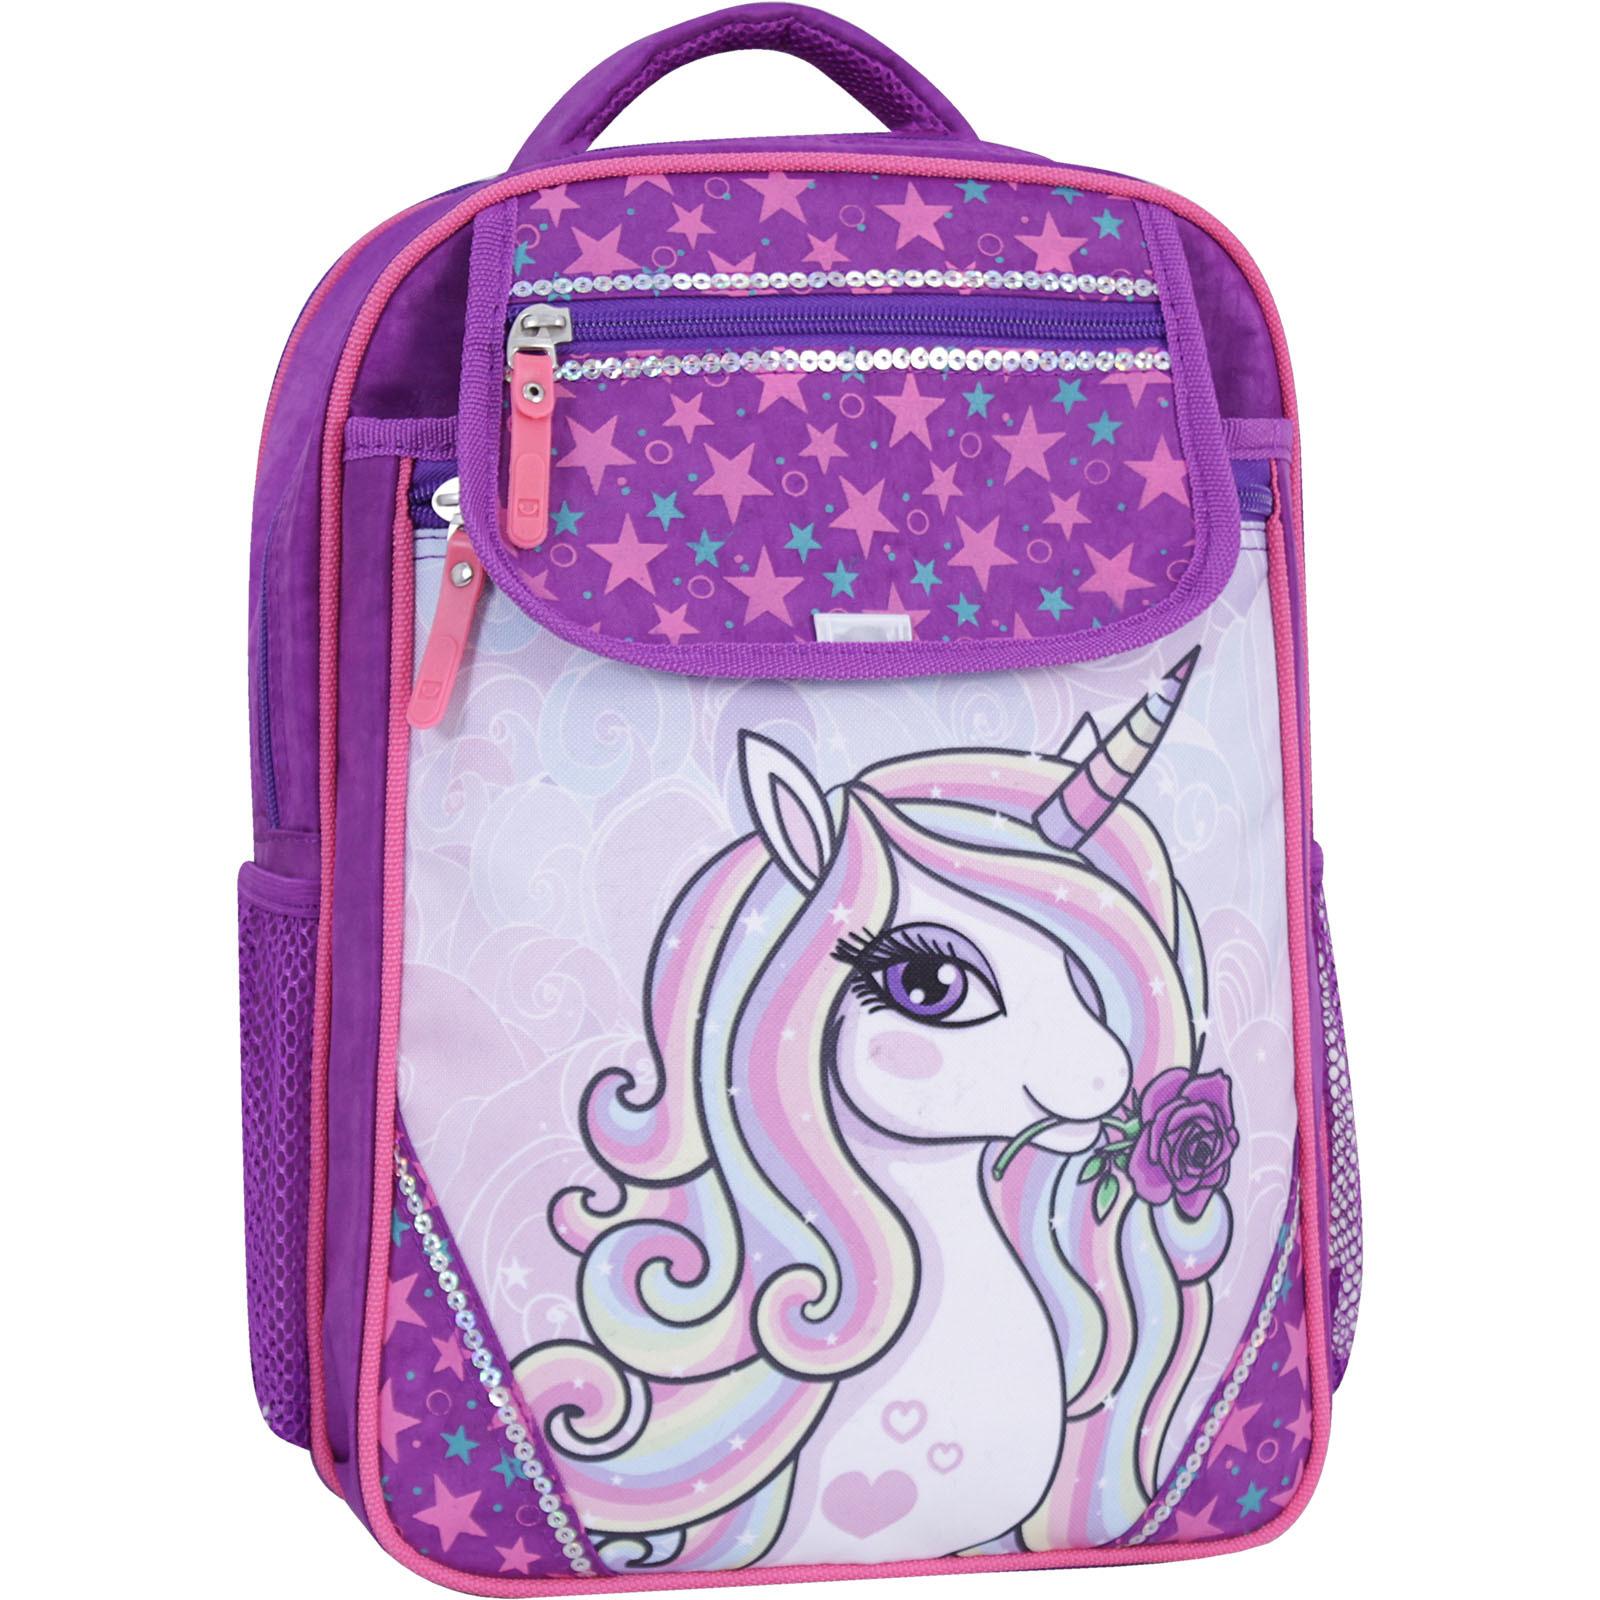 Школьные рюкзаки Рюкзак школьный Bagland Отличник 20 л. фиолетовый 678 (0058070) IMG_2787_суб.678_-1600.jpg